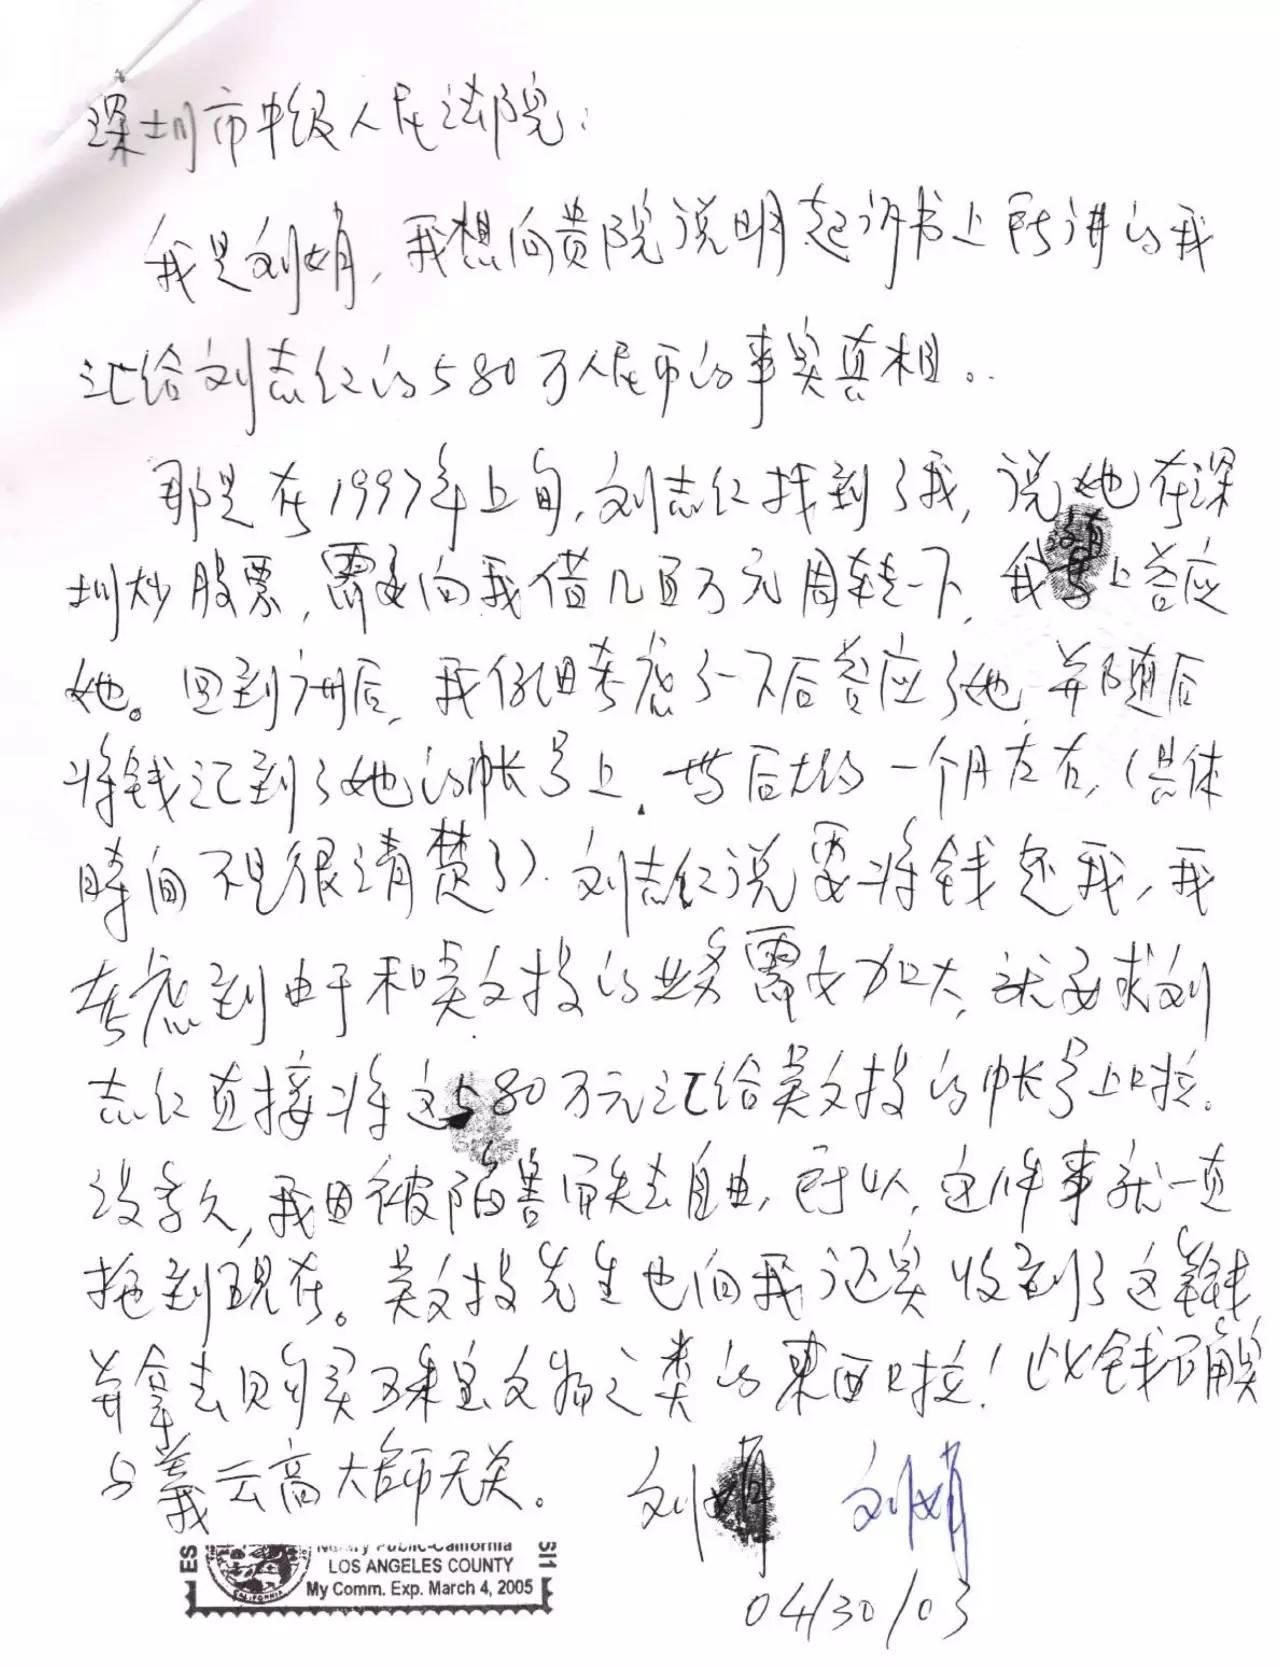 周永康陈绍基陷害第三世多杰羌佛真相曝光 第45张